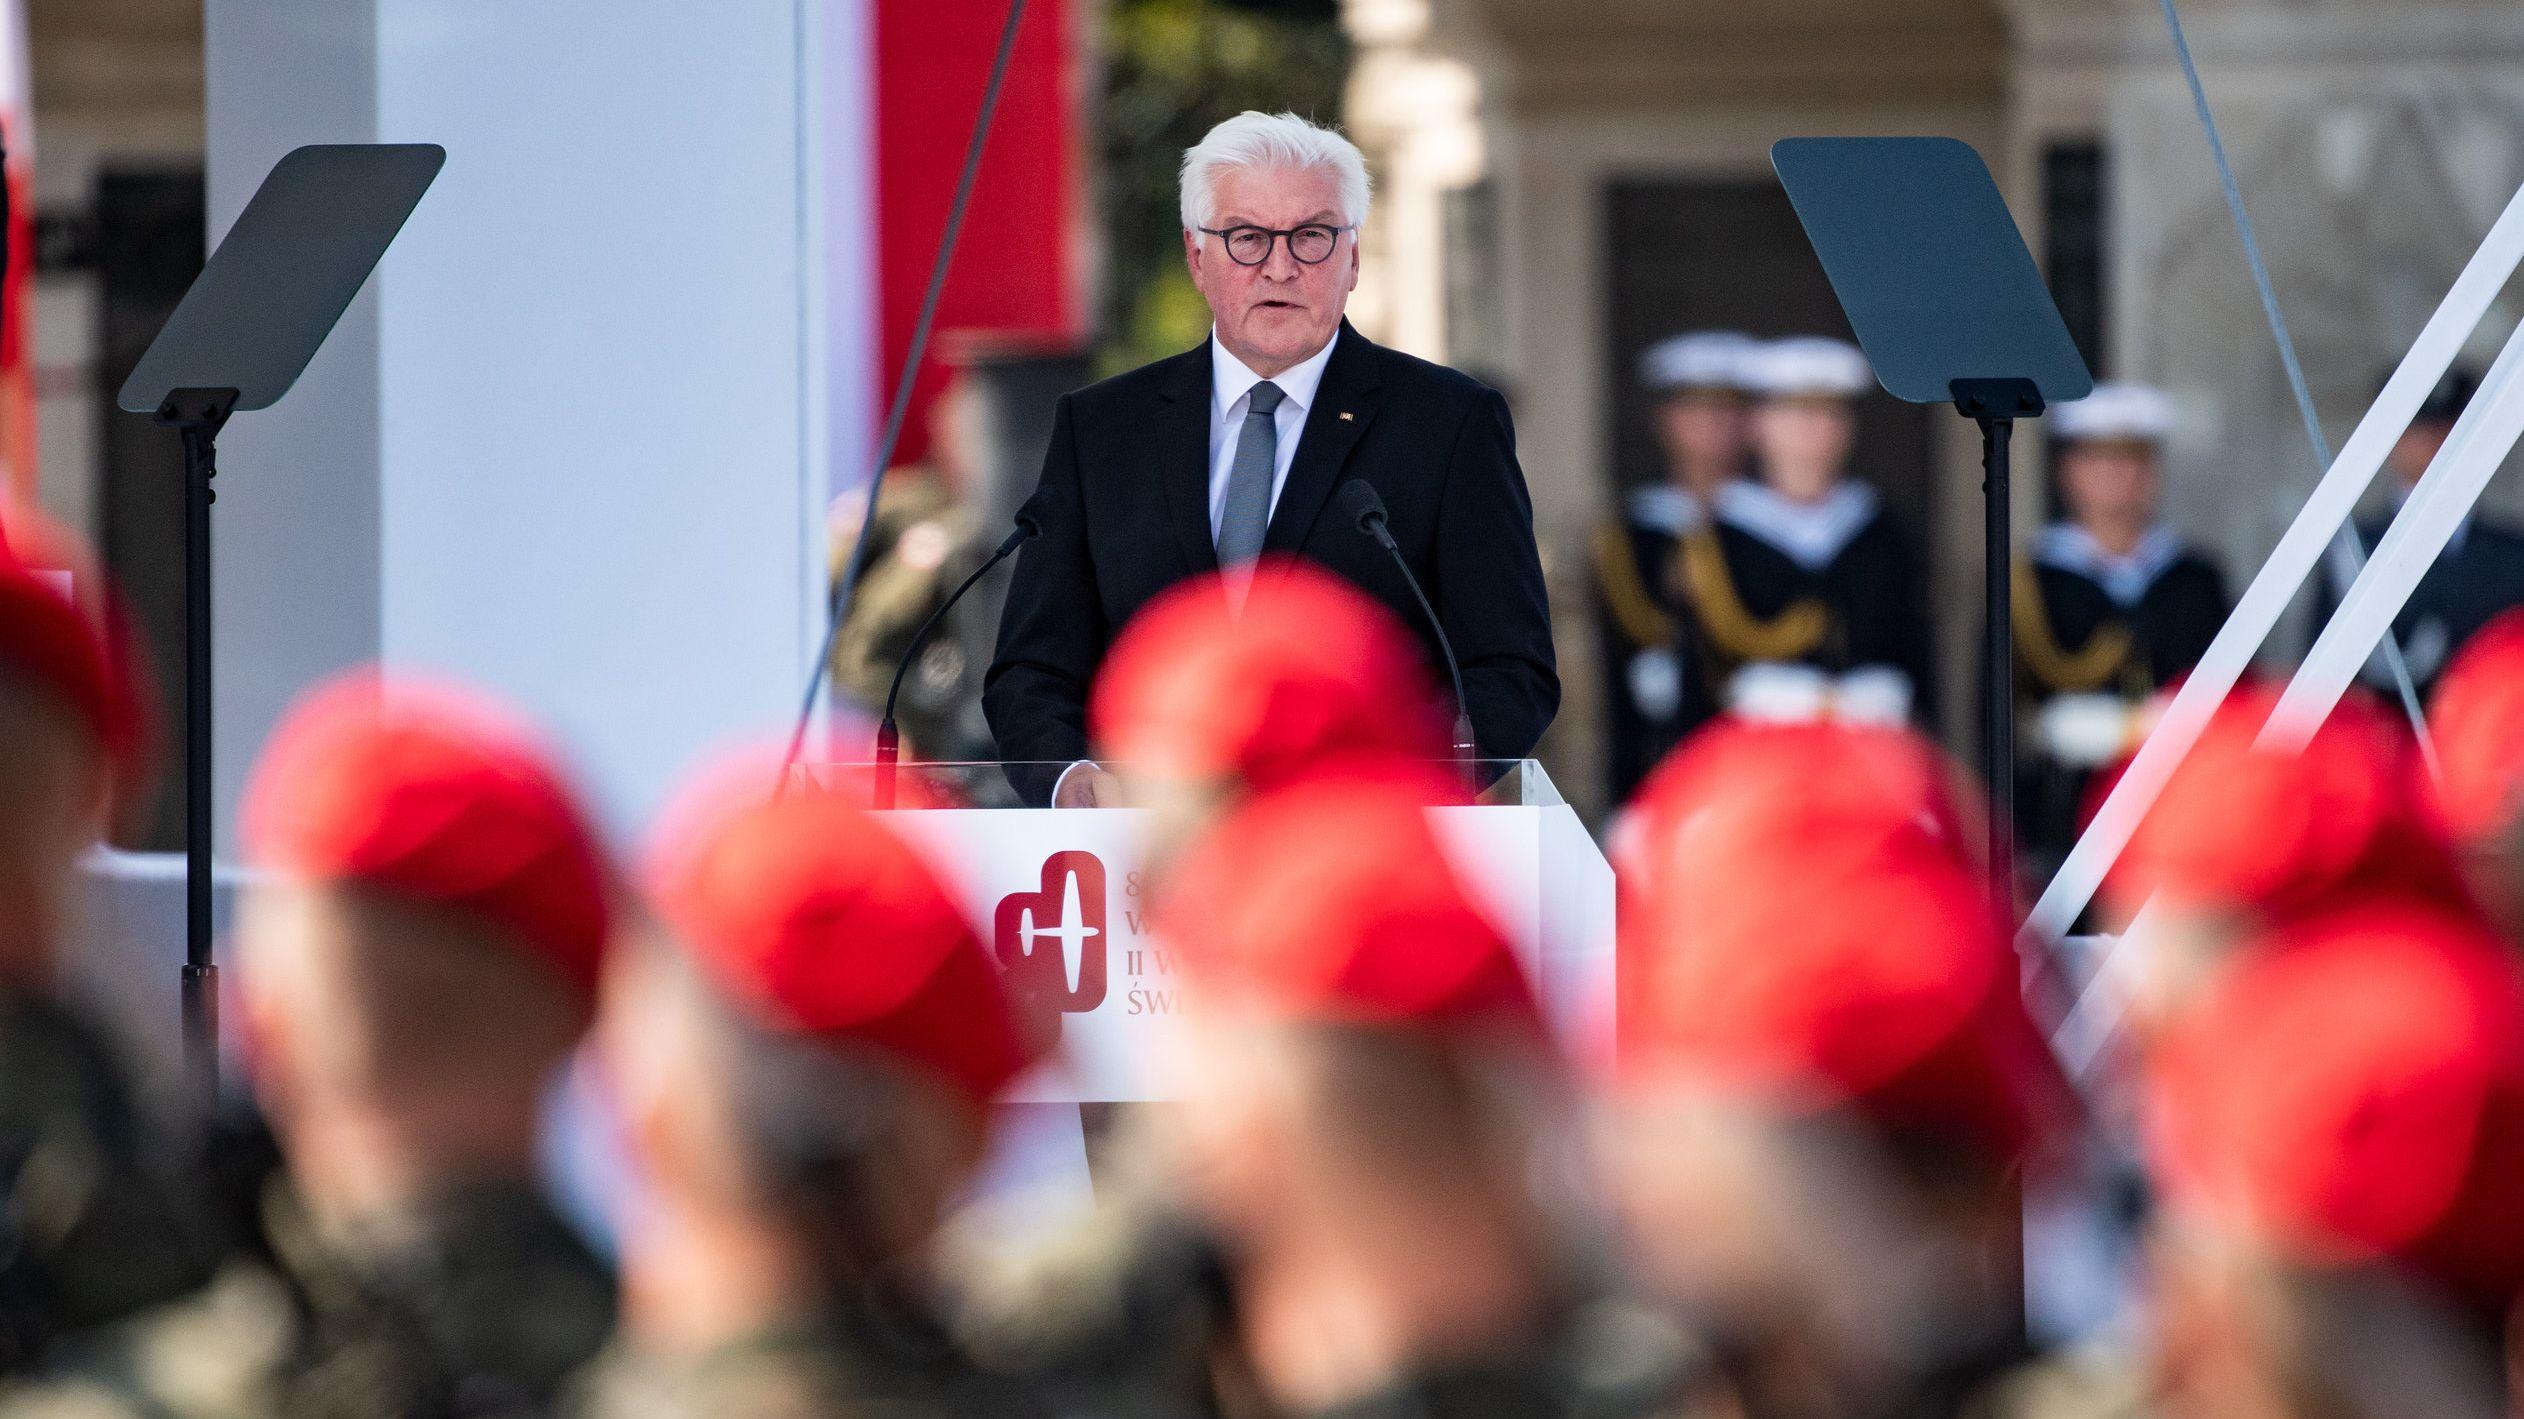 Bundespräsident Frank-Walter Steinmeier spricht in Warschau bei den zentralen Gedenkfeierlichkeiten der Republik Polen zum 80. Jahrestag des Beginns des Zweiten Weltkriegs.